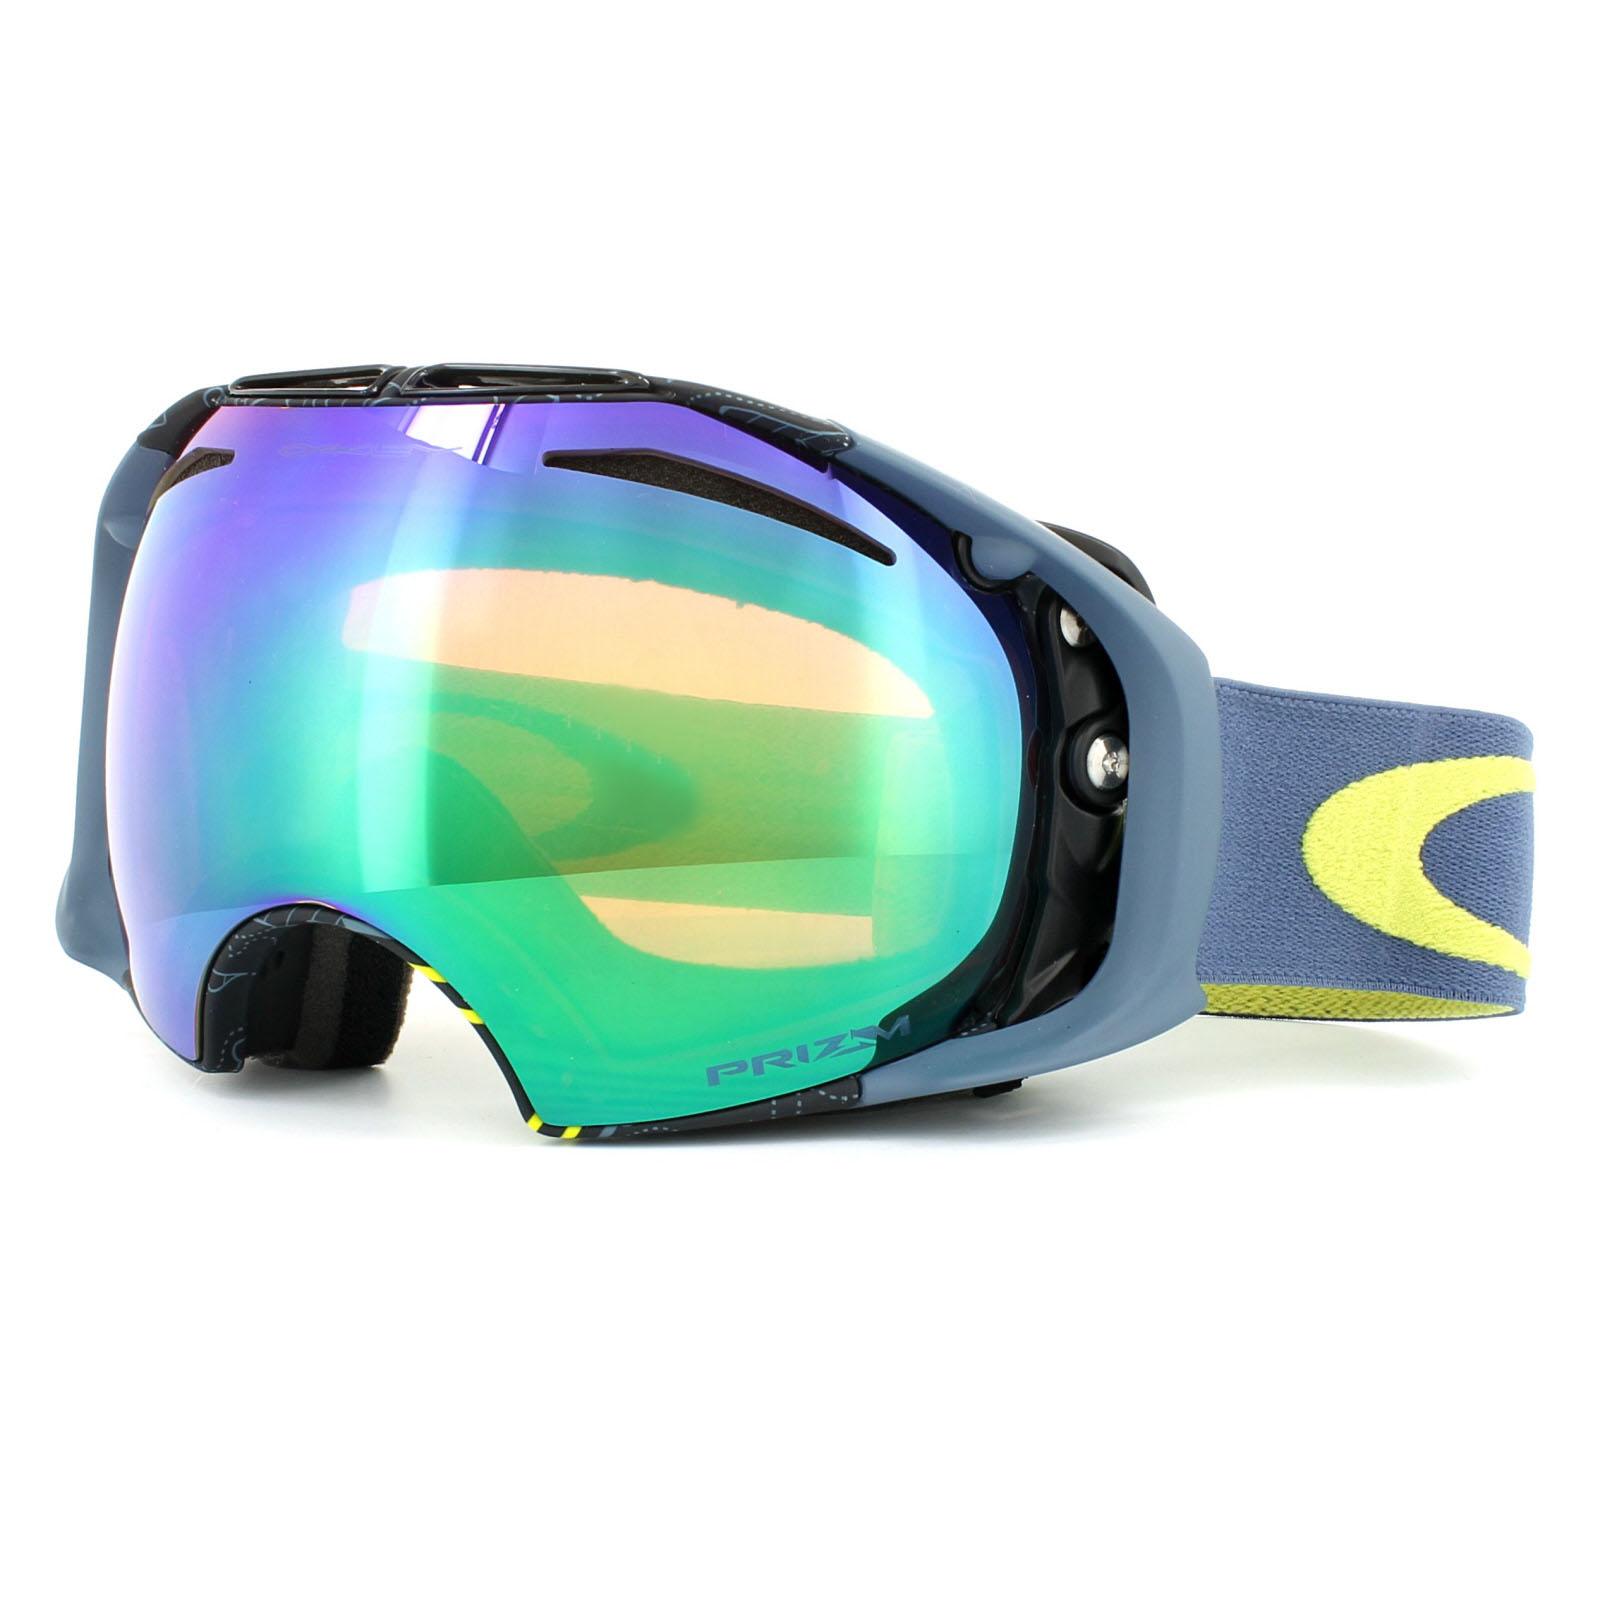 oakley prizm airbrake ski goggles